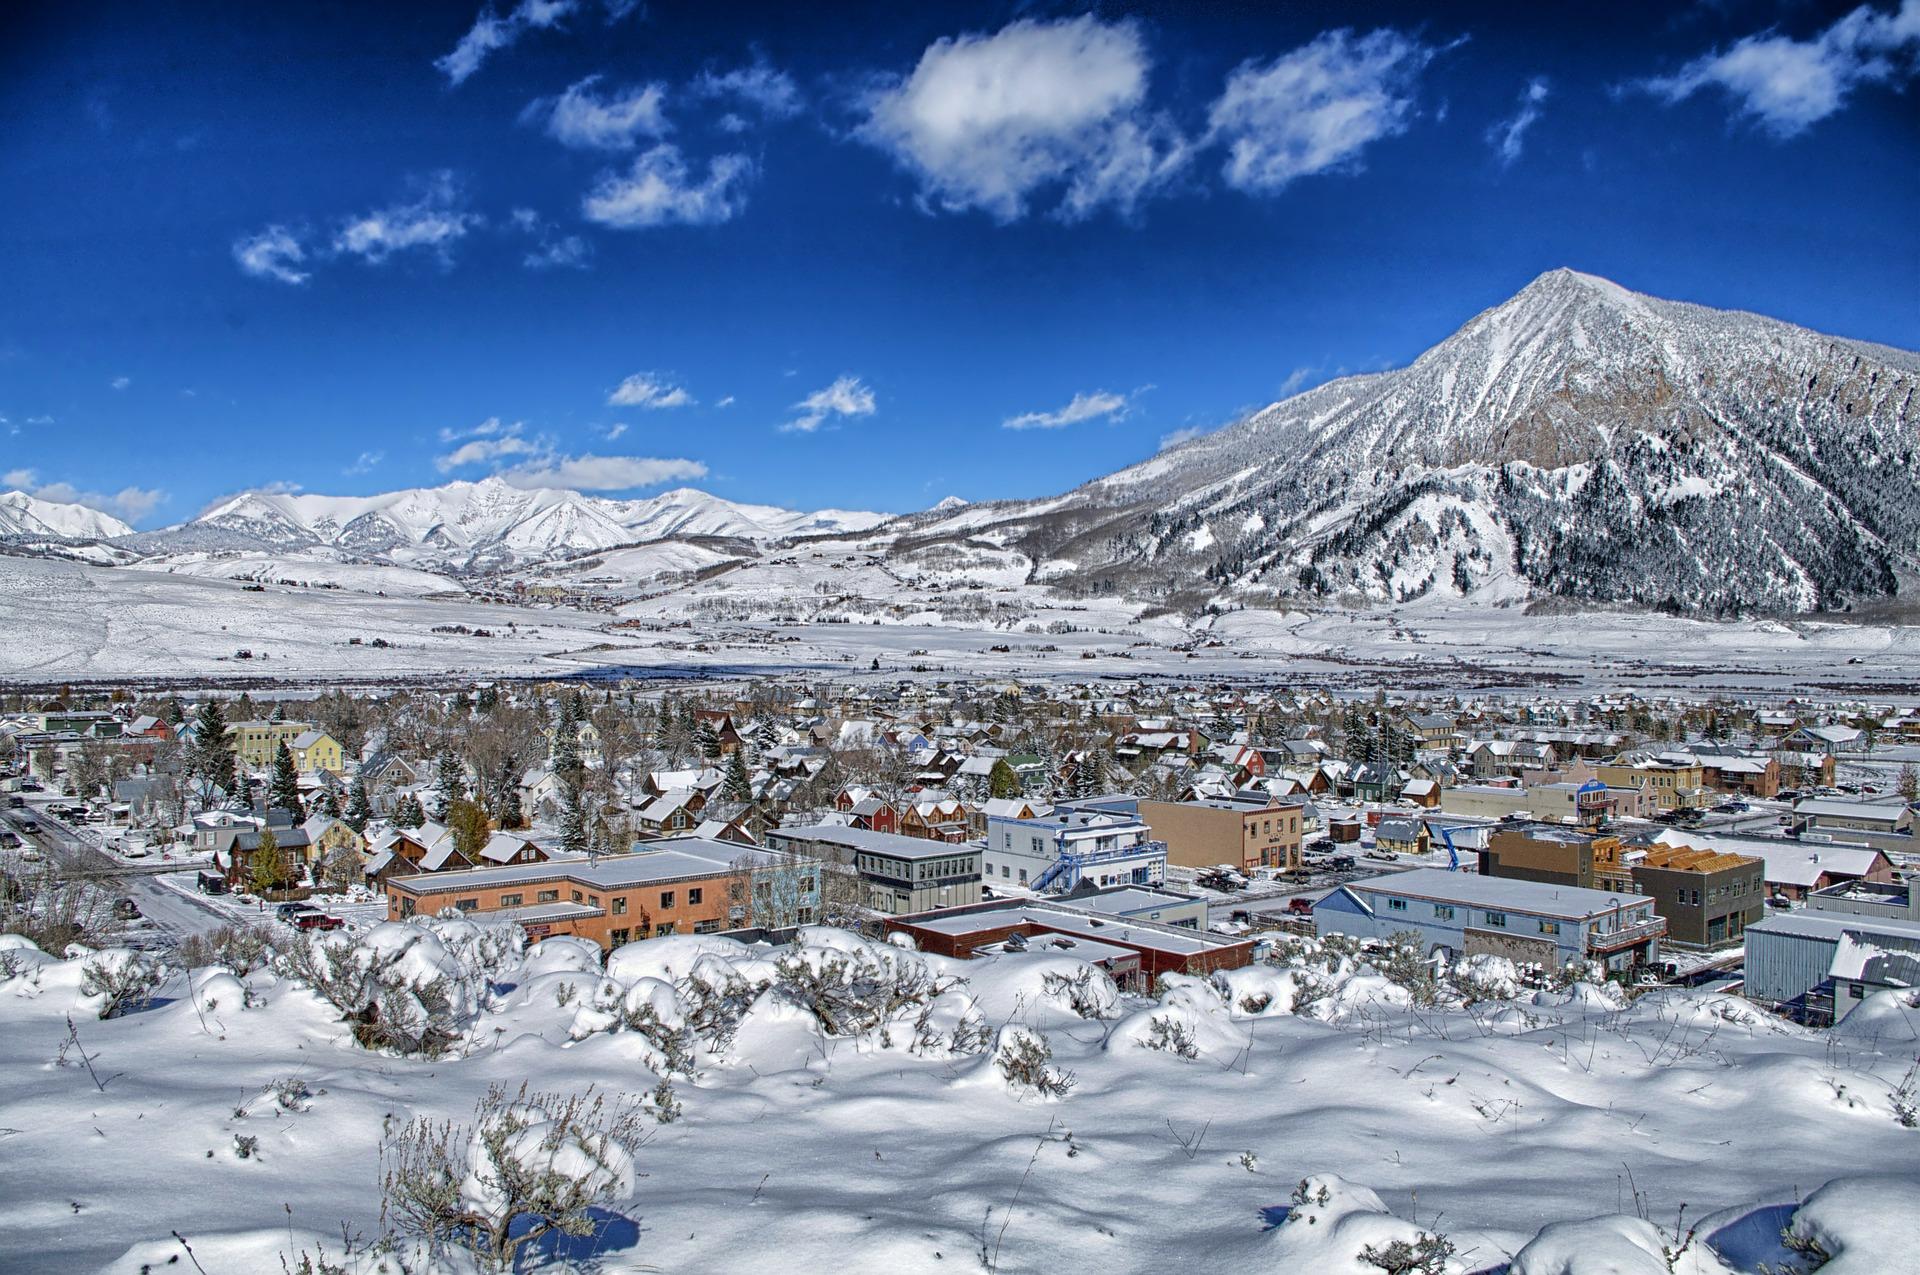 5. Denver, Colorado (+ ski towns)